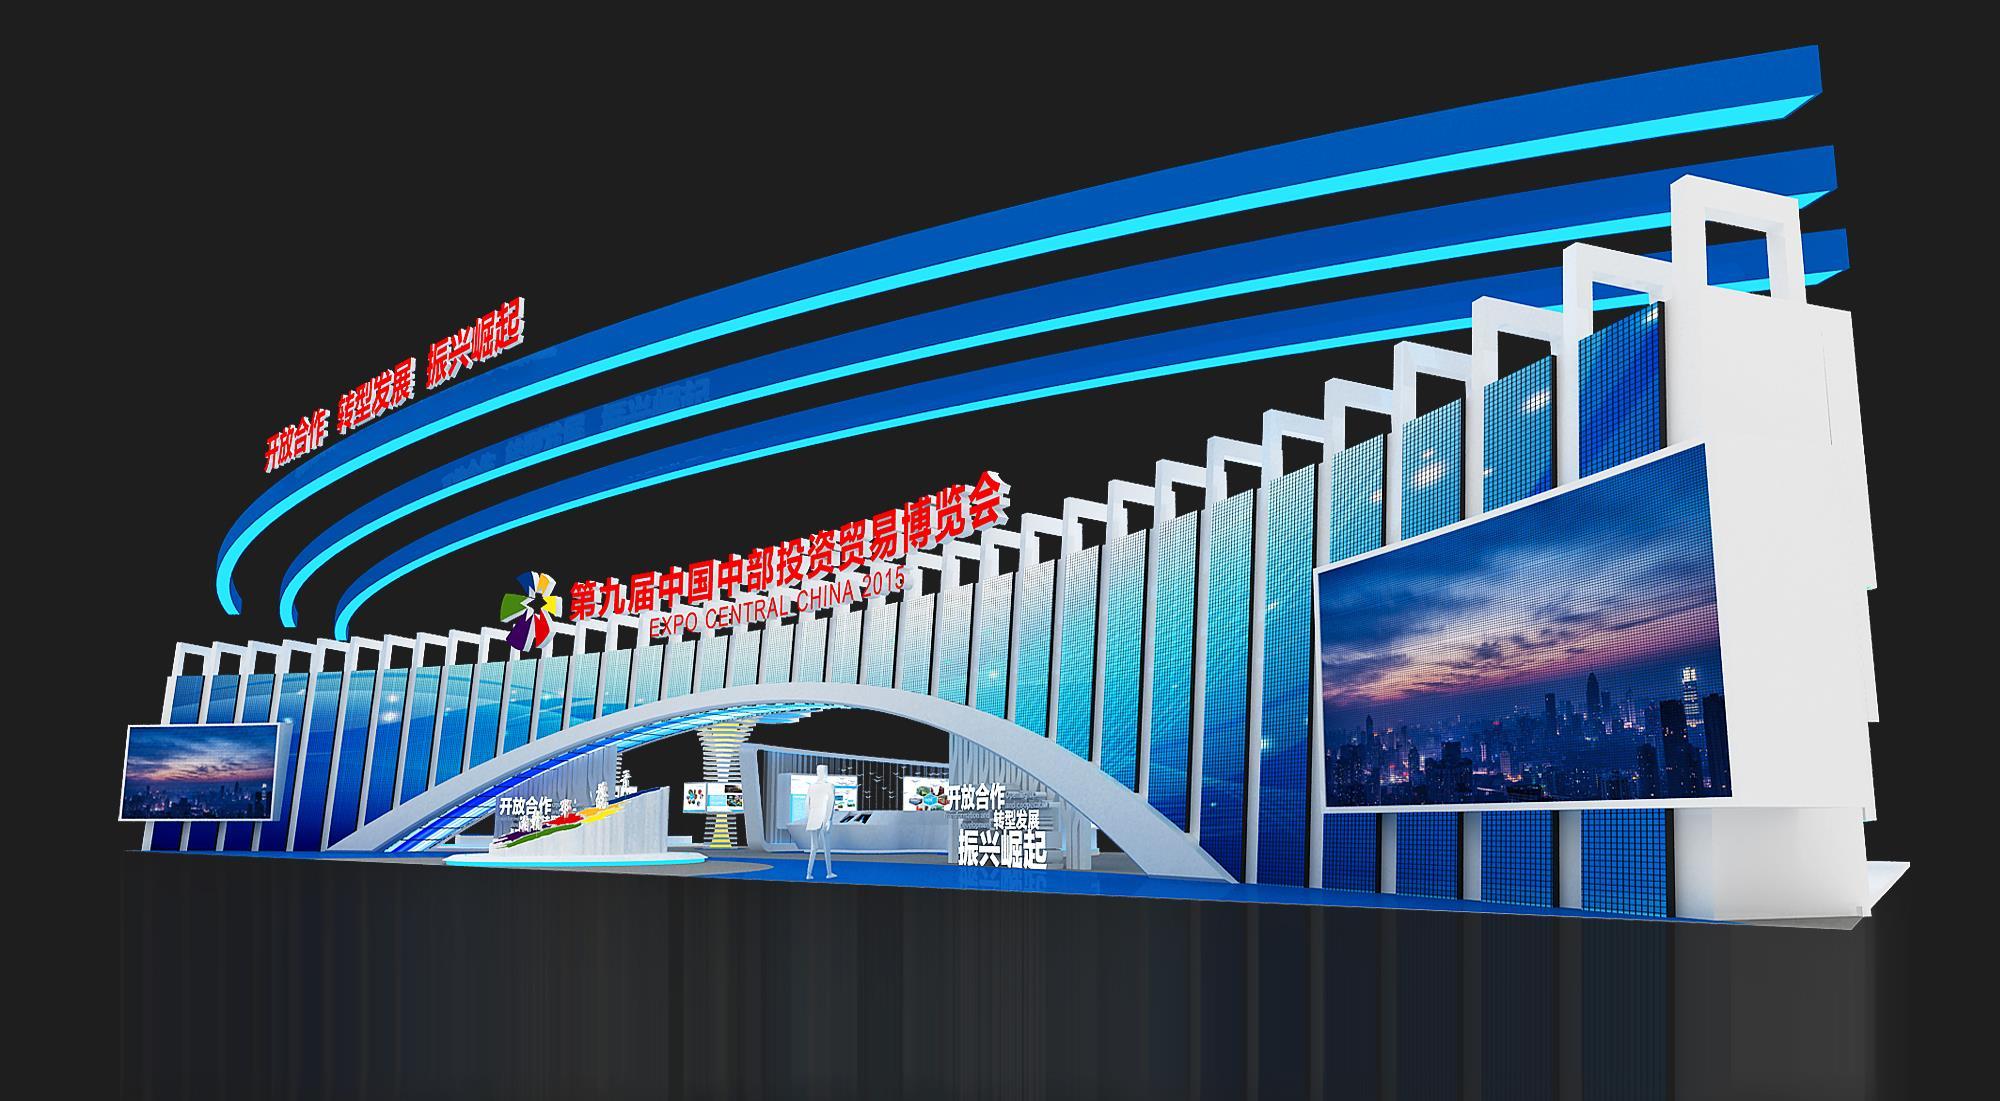 中博会—中心展台